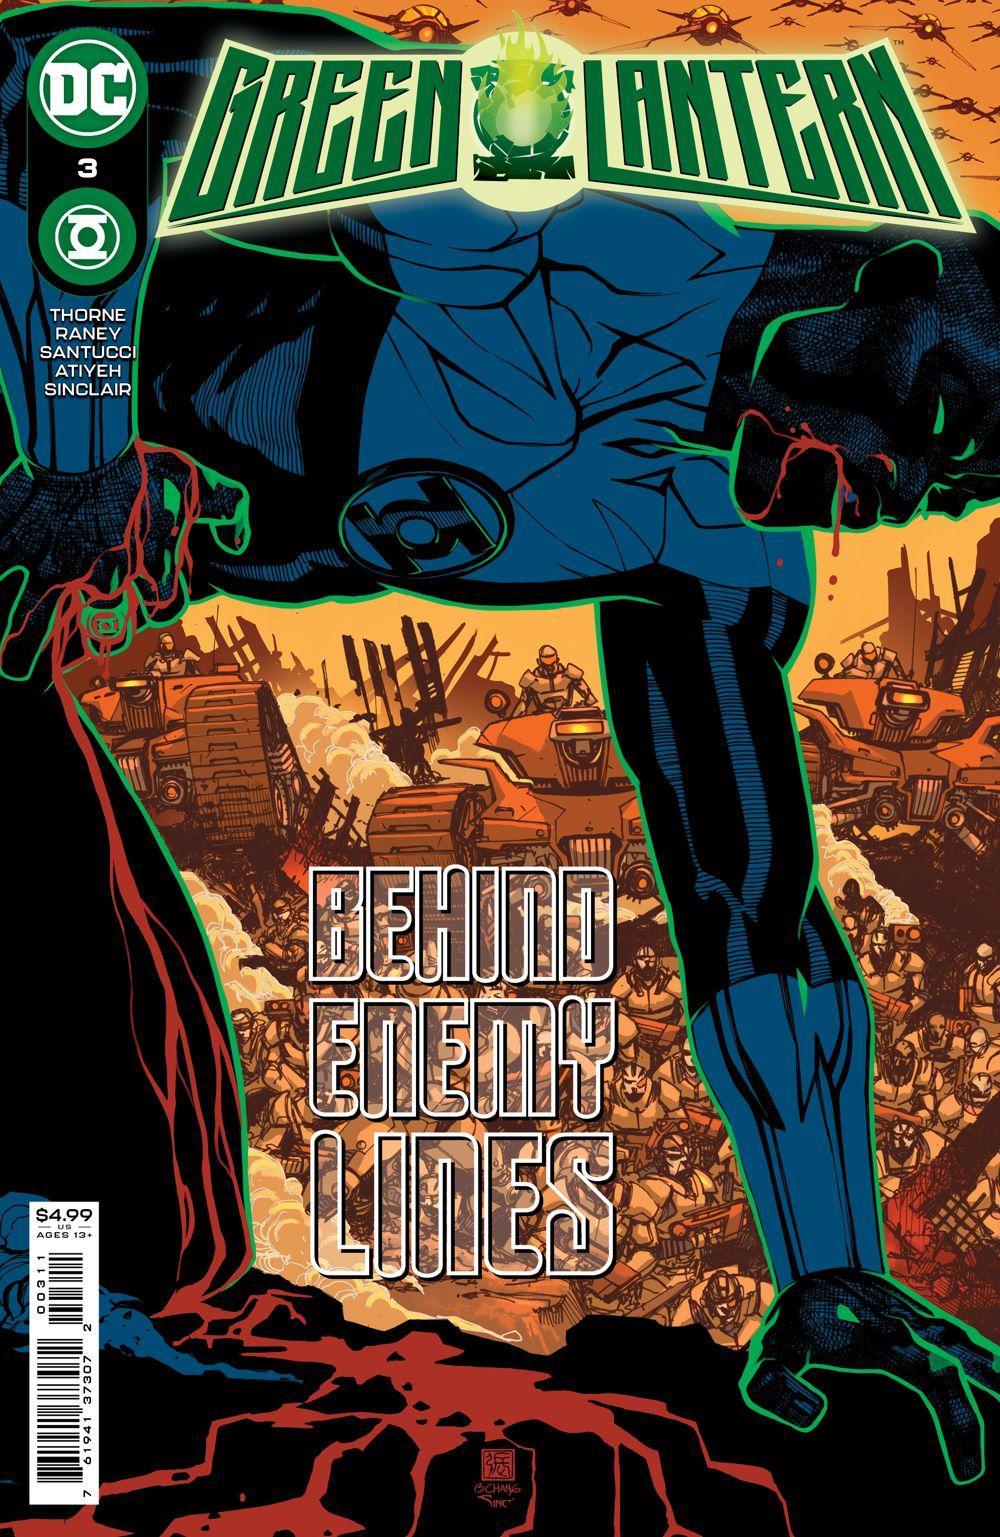 GL_Cv3 DC Comics June 2021 Solicitations